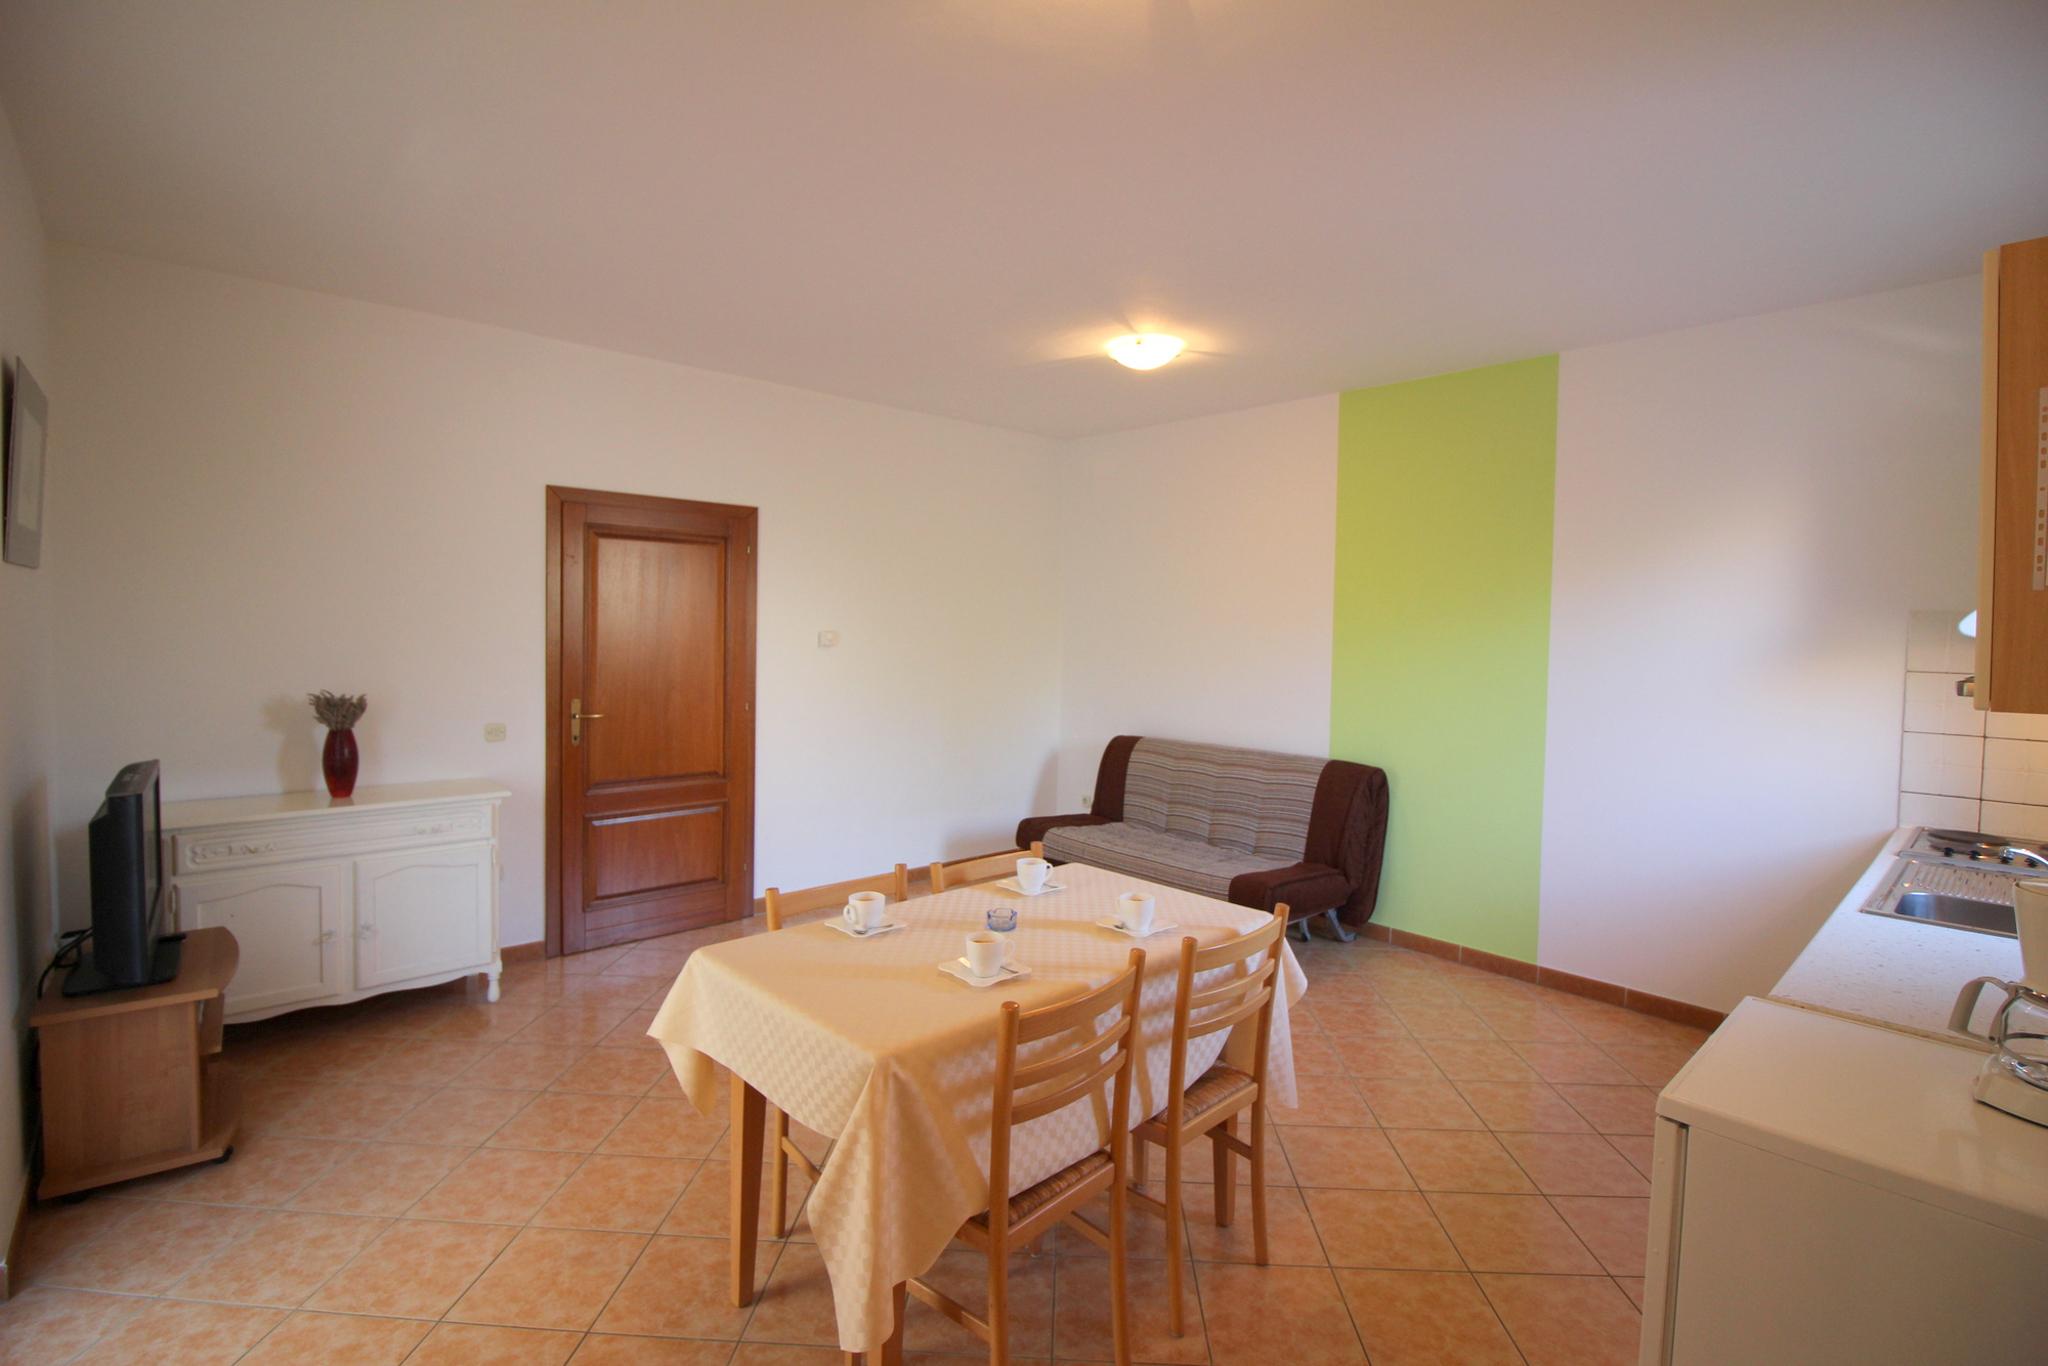 Ferienwohnung in ruhiger Lage (280275), Porec, , Istrien, Kroatien, Bild 13